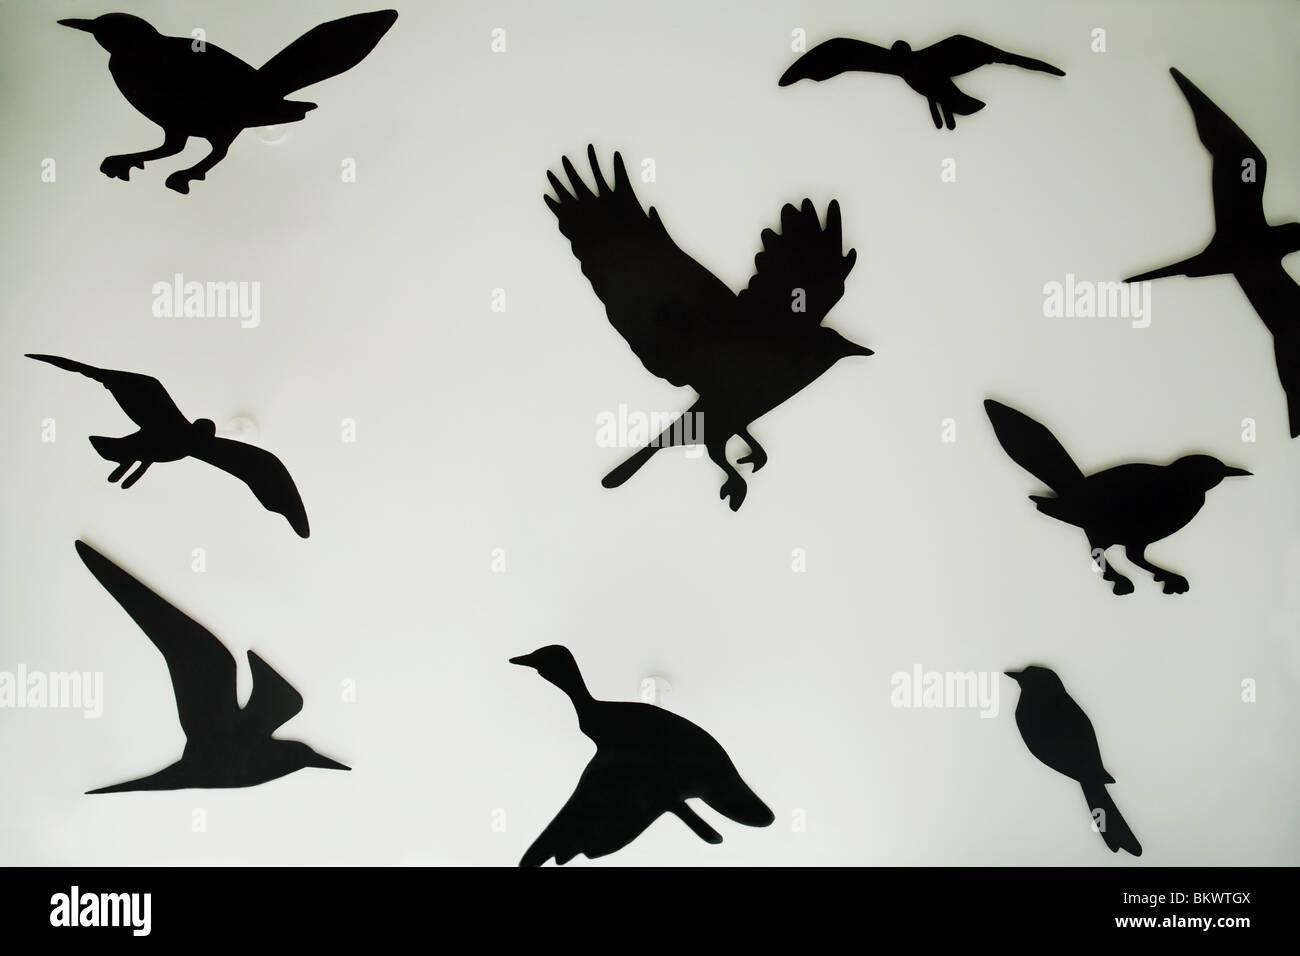 Siluetas de aves en una tienda escaparate, Regent Street, Londres, Reino Unido Imagen De Stock